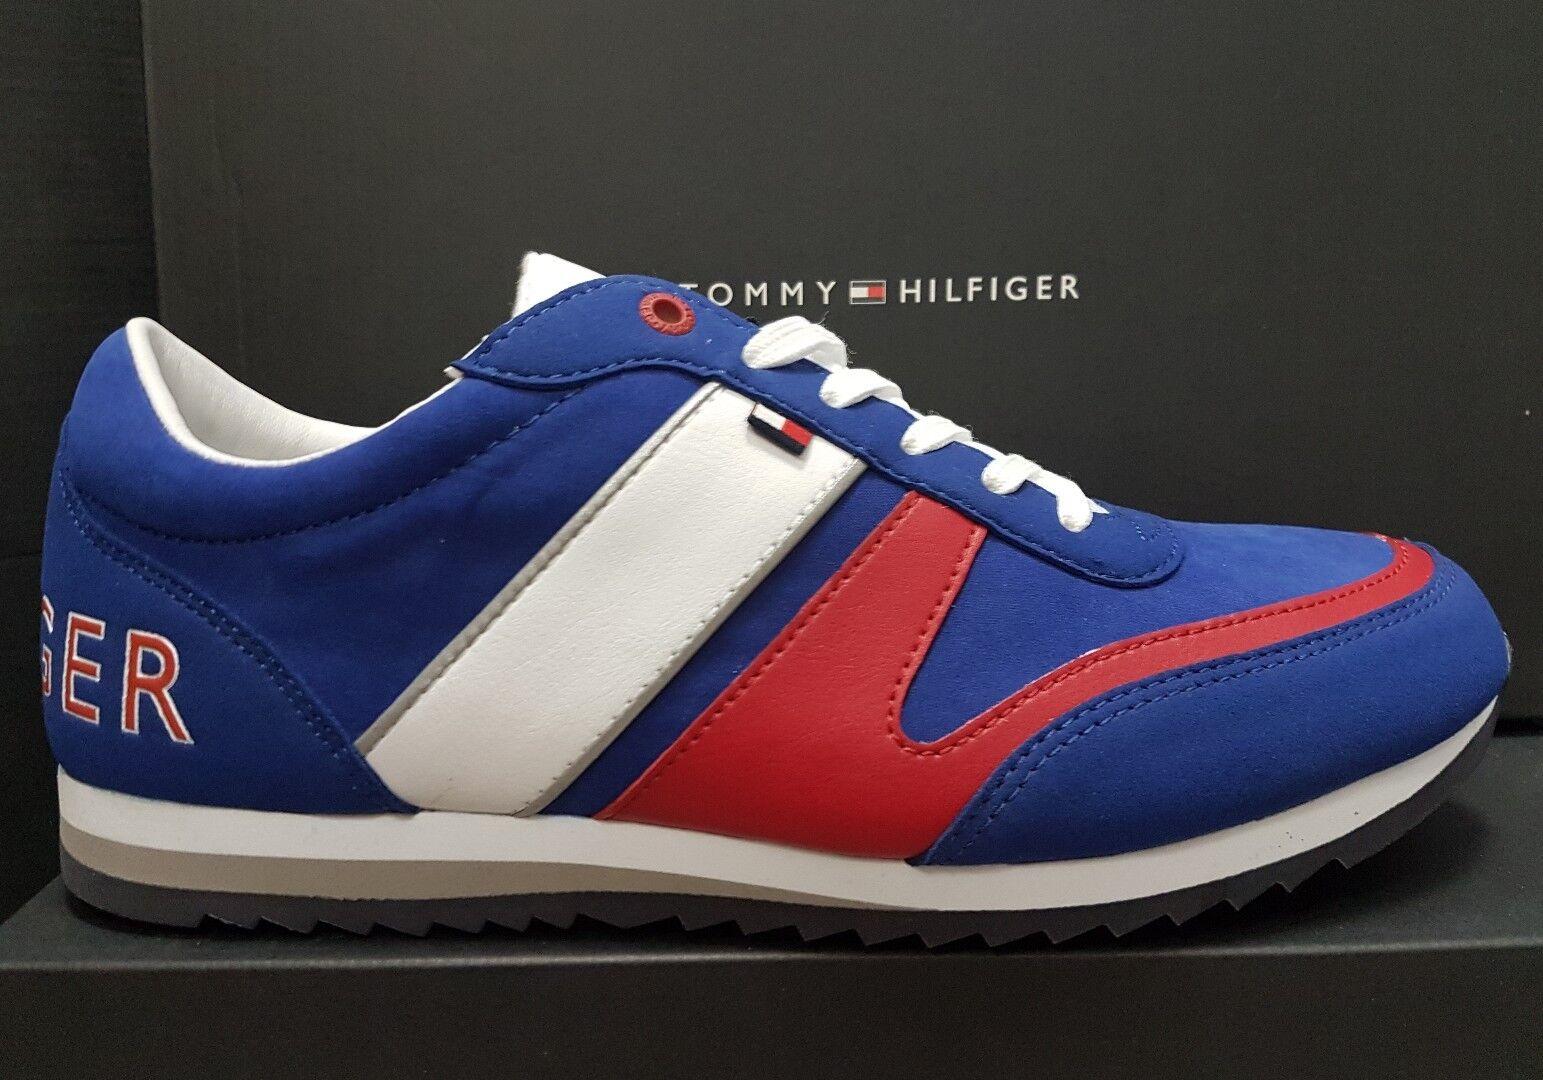 Tommy Hilfiger scarpe uomo Zapatillas